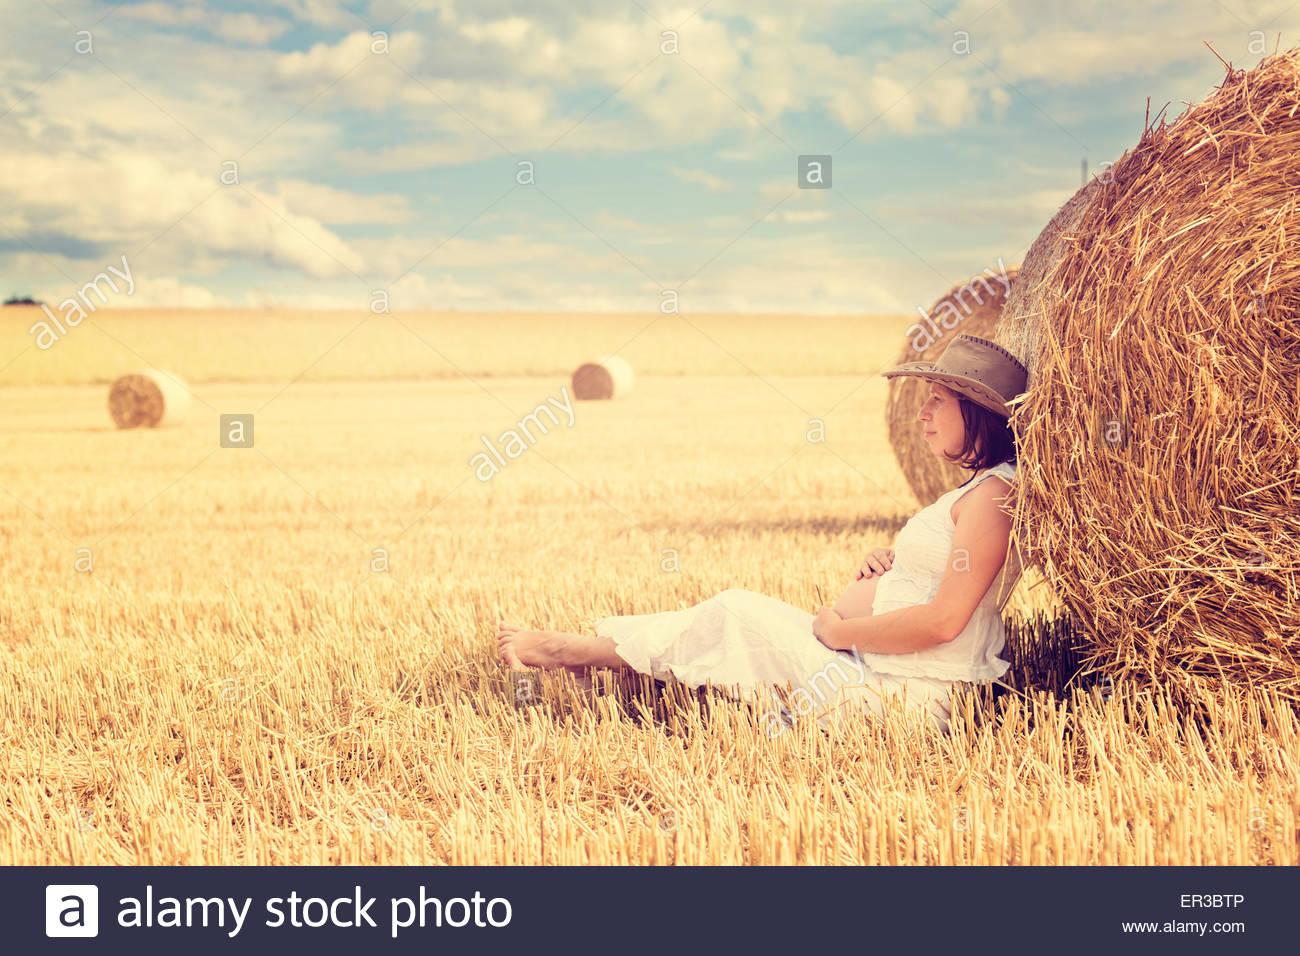 Pregnant woman leaning against a balles de foin dans un champ Photo Stock